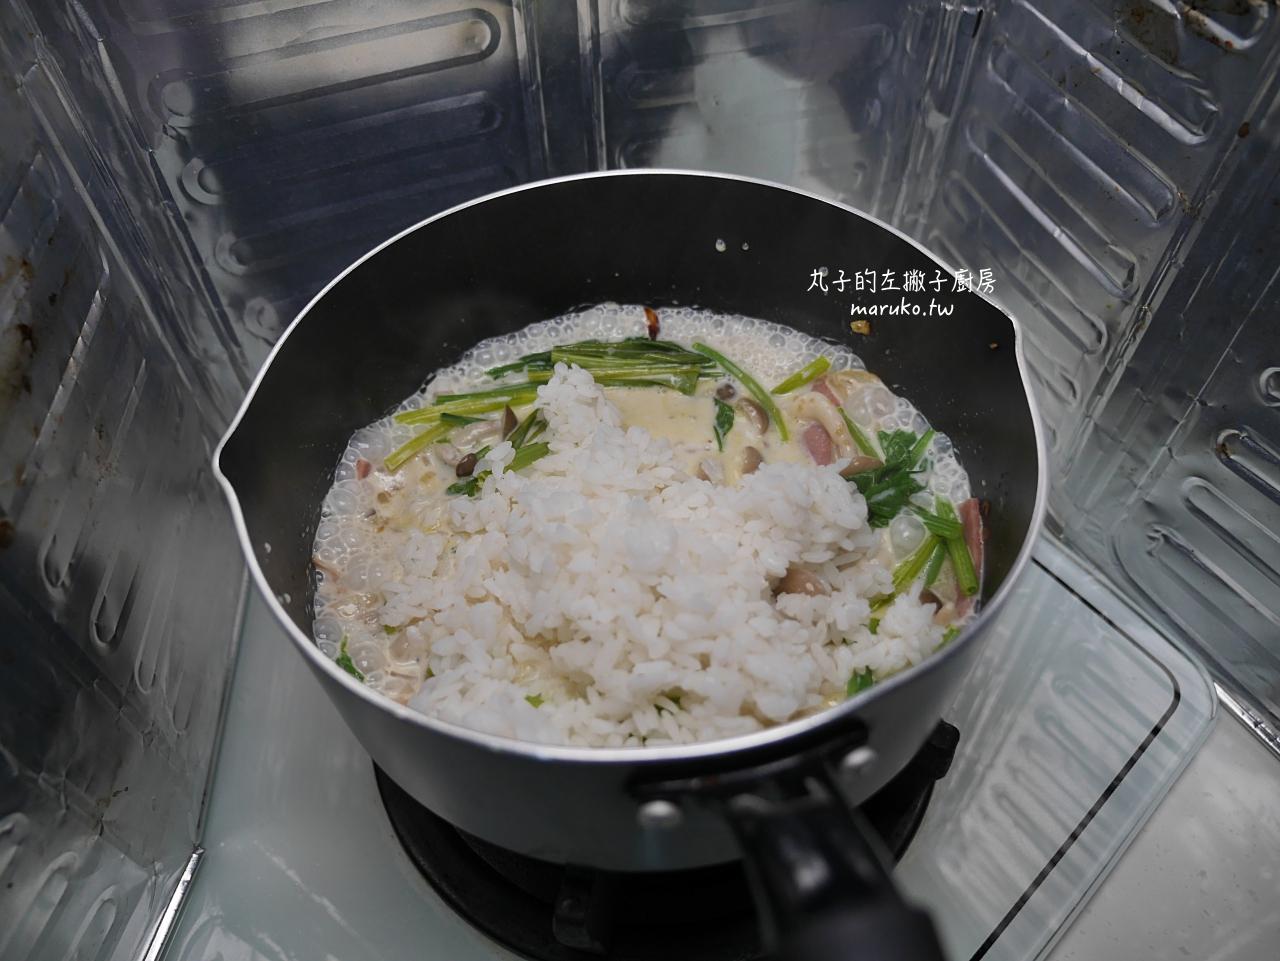 【食譜】和風奶油菠菜野菇燉飯/讓白醬風味更清爽的做法 @Maruko與美食有個約會